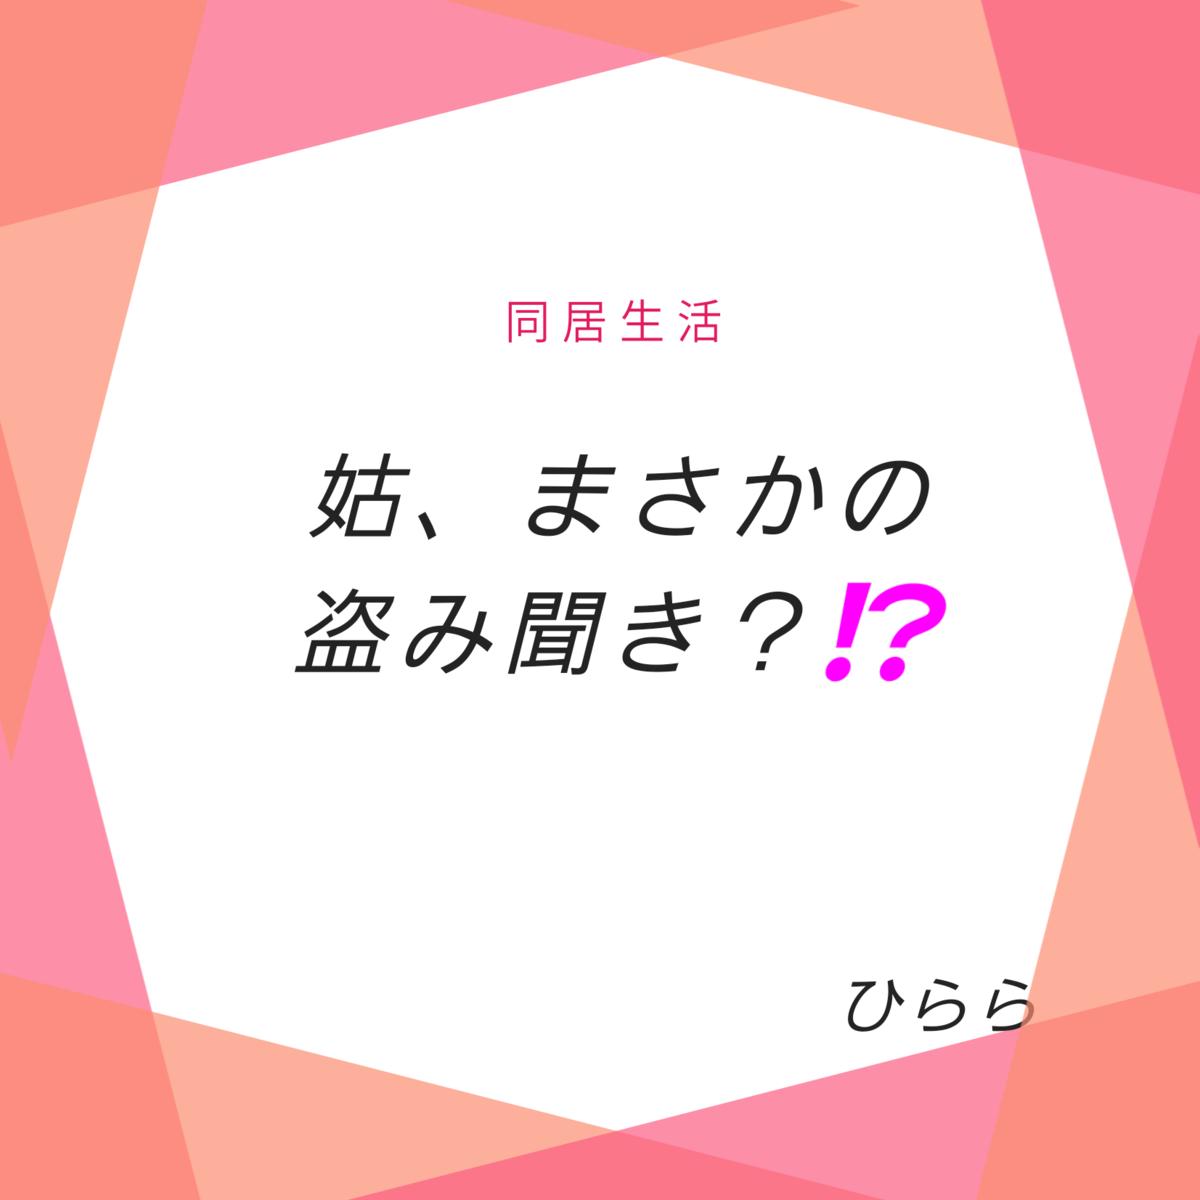 f:id:hirara185:20200622140101p:plain